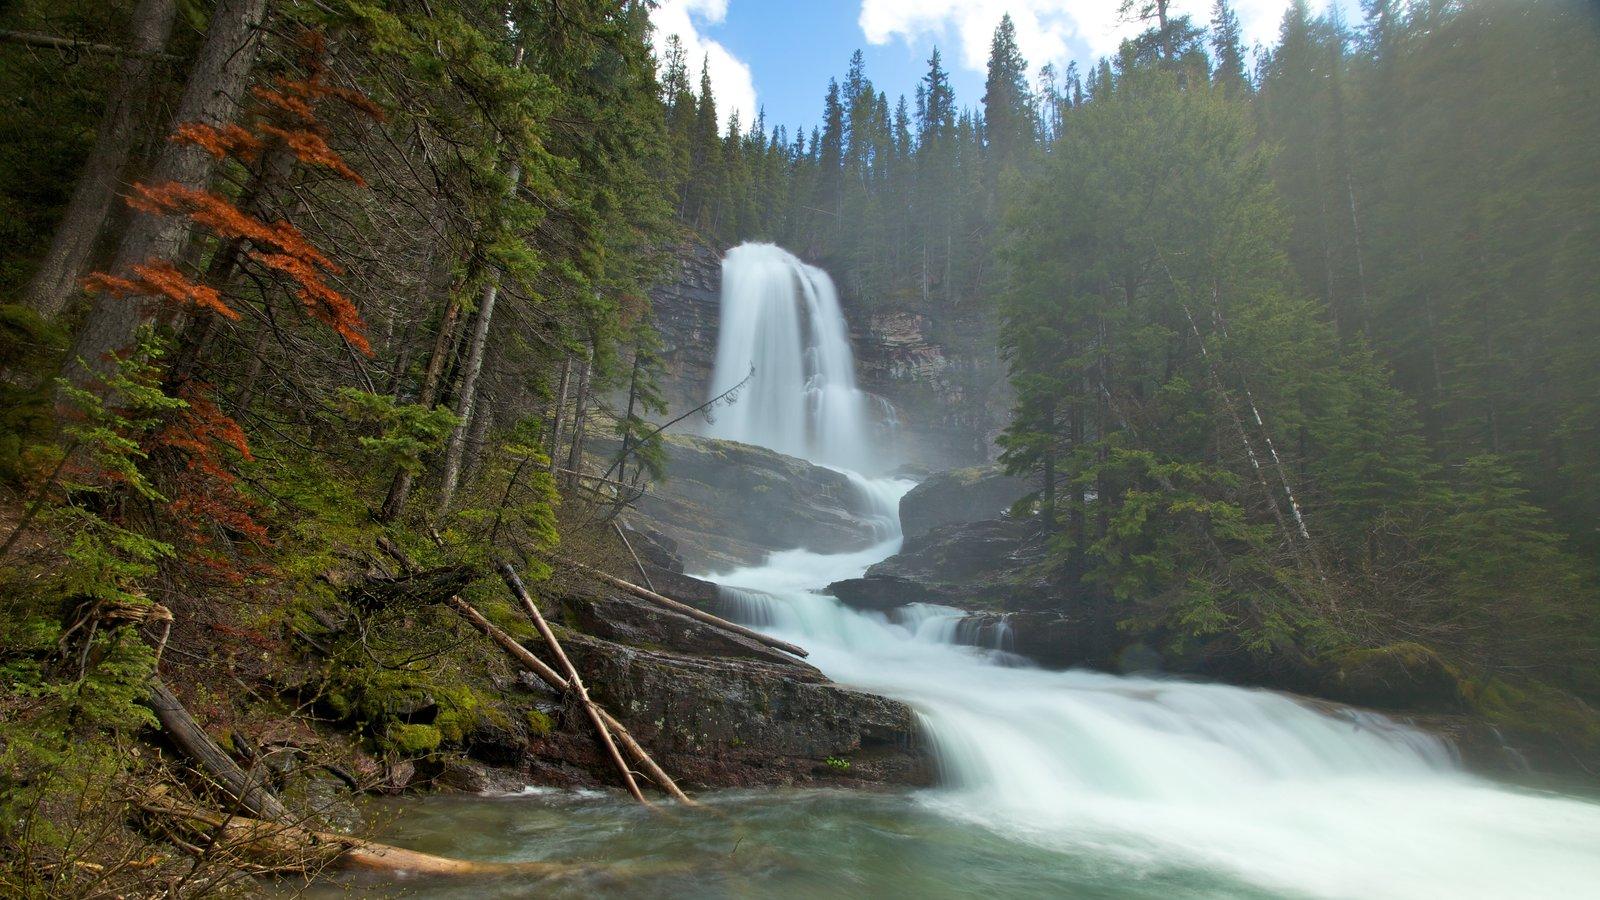 Parque Nacional de los Glaciares que incluye bosques, una cascada y un río o arroyo